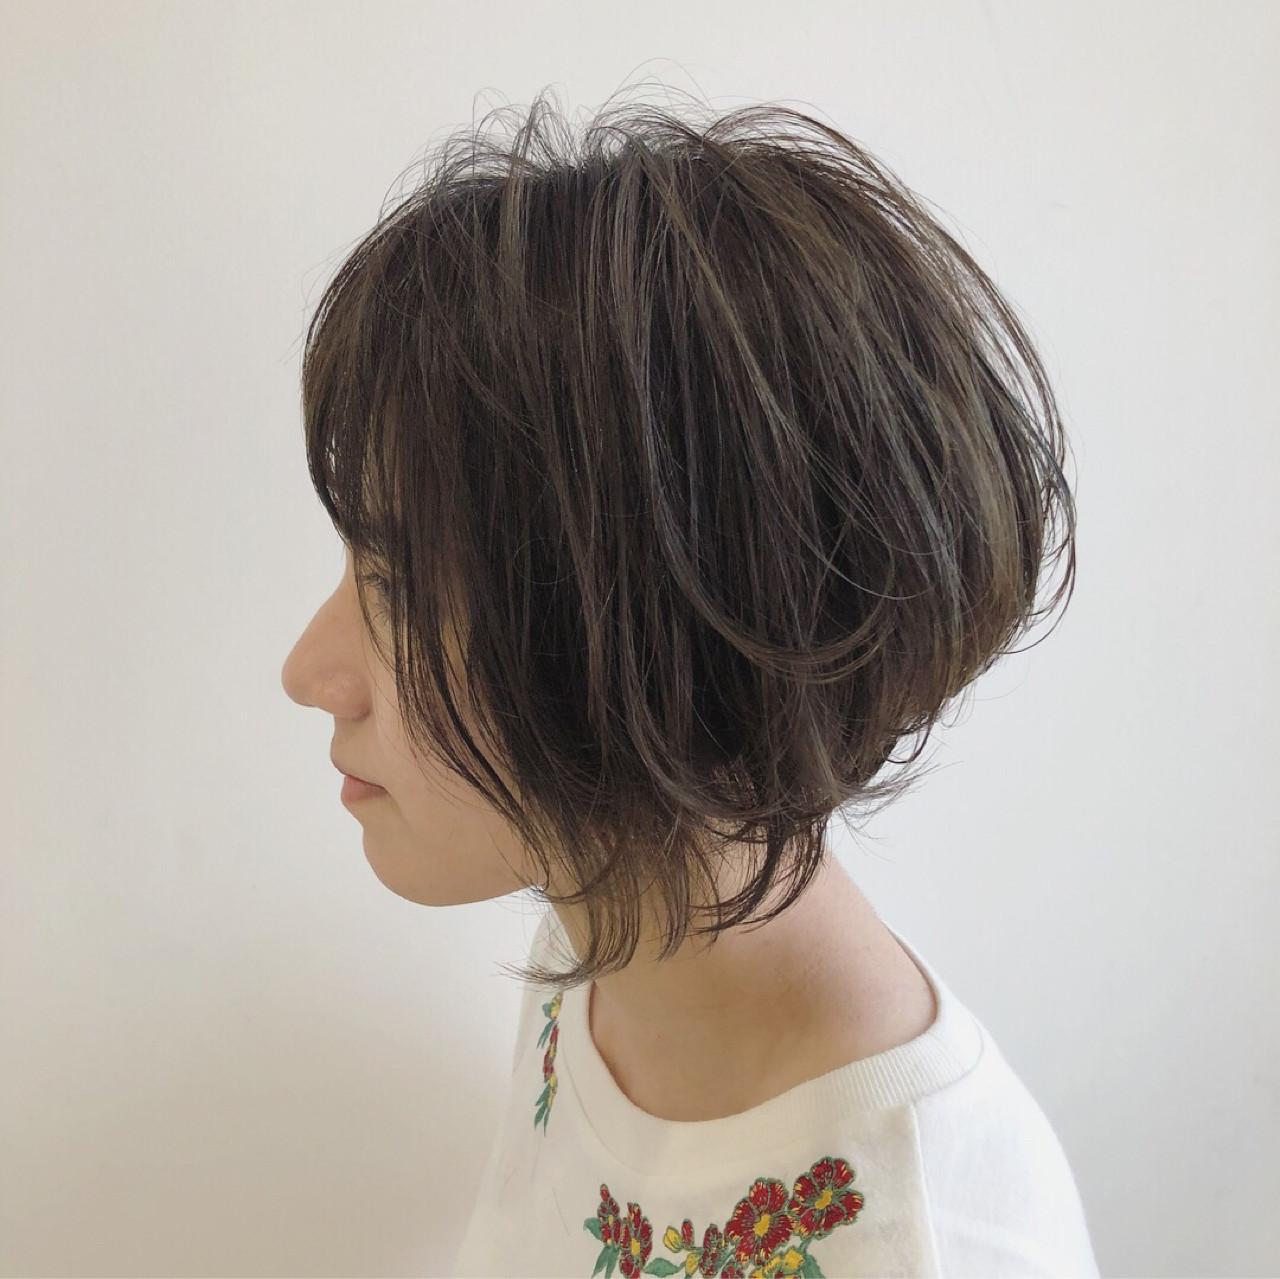 ゆるふわ 外国人風 ボブ ナチュラル ヘアスタイルや髪型の写真・画像 | Yuuta Asato / Moana by HEADLIGHT 沖縄東崎店